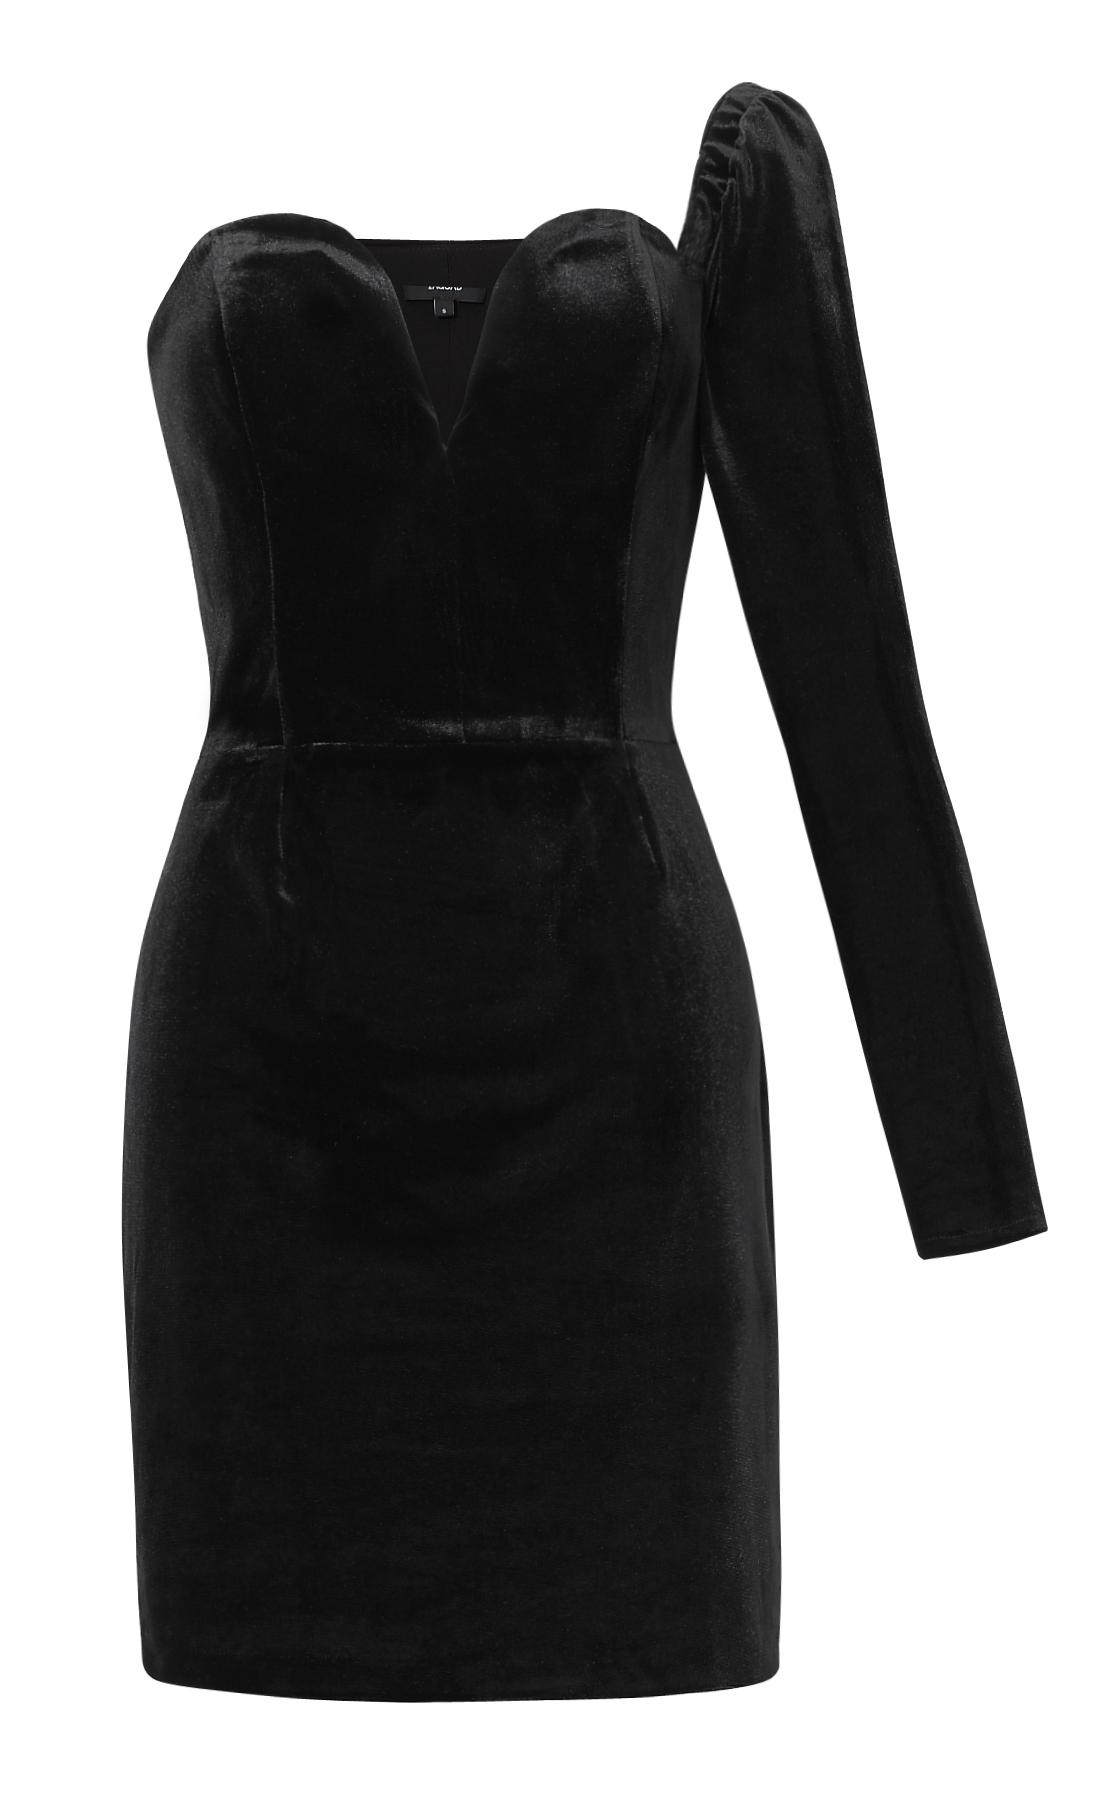 169ea4cfcc Welurowa sukienka na jedno ramię - Zaquad